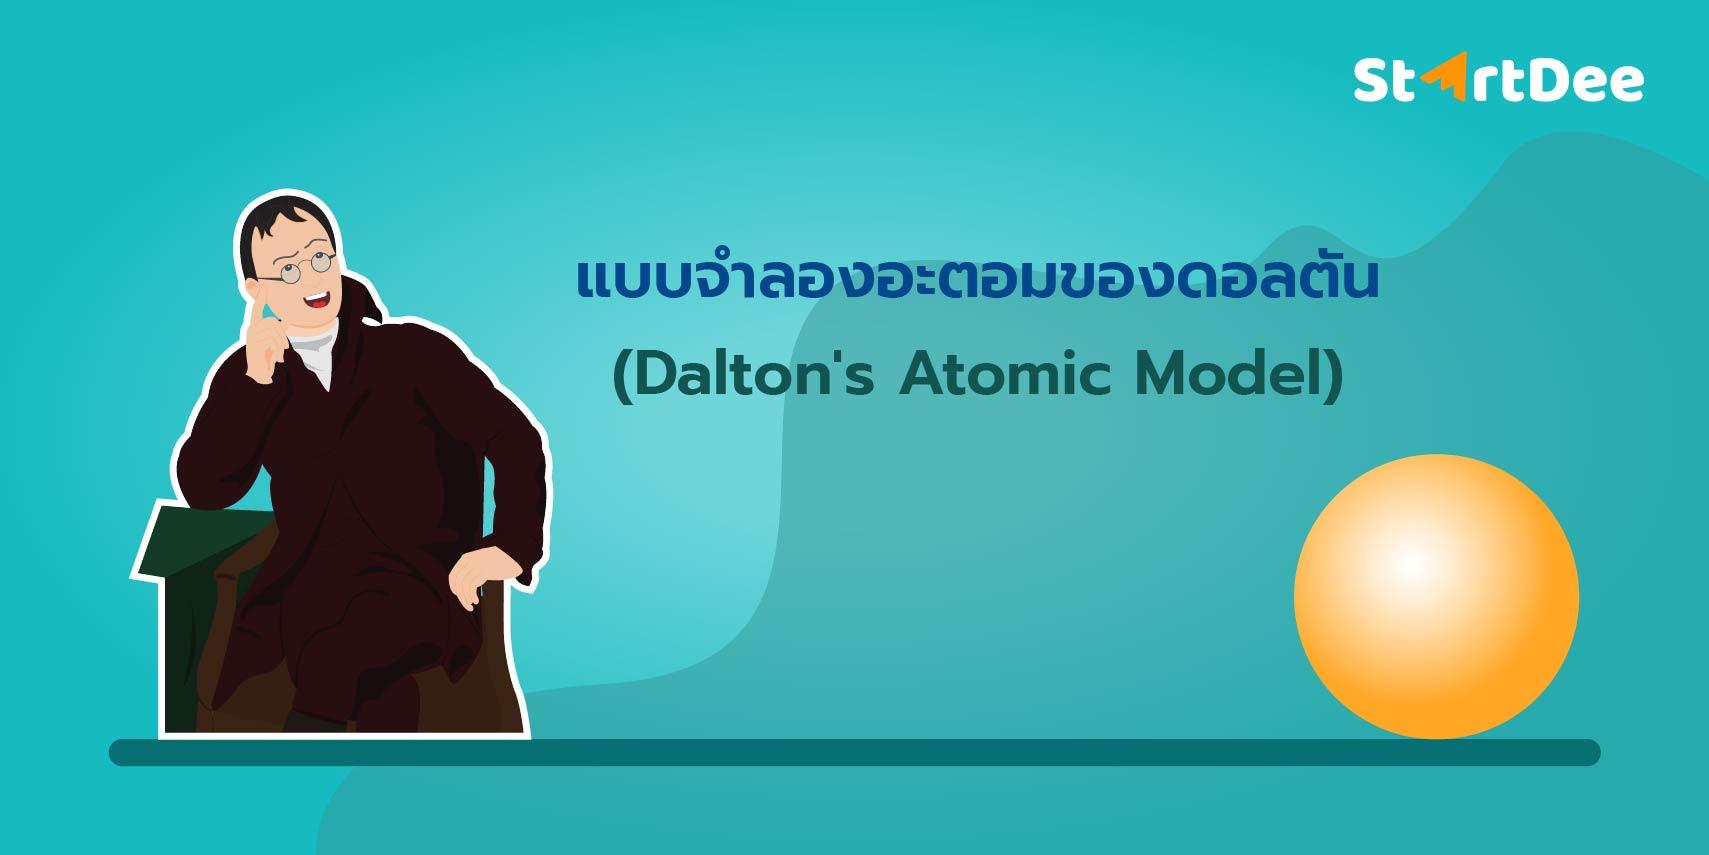 แบบจำลองอะตอมของดอลตัน